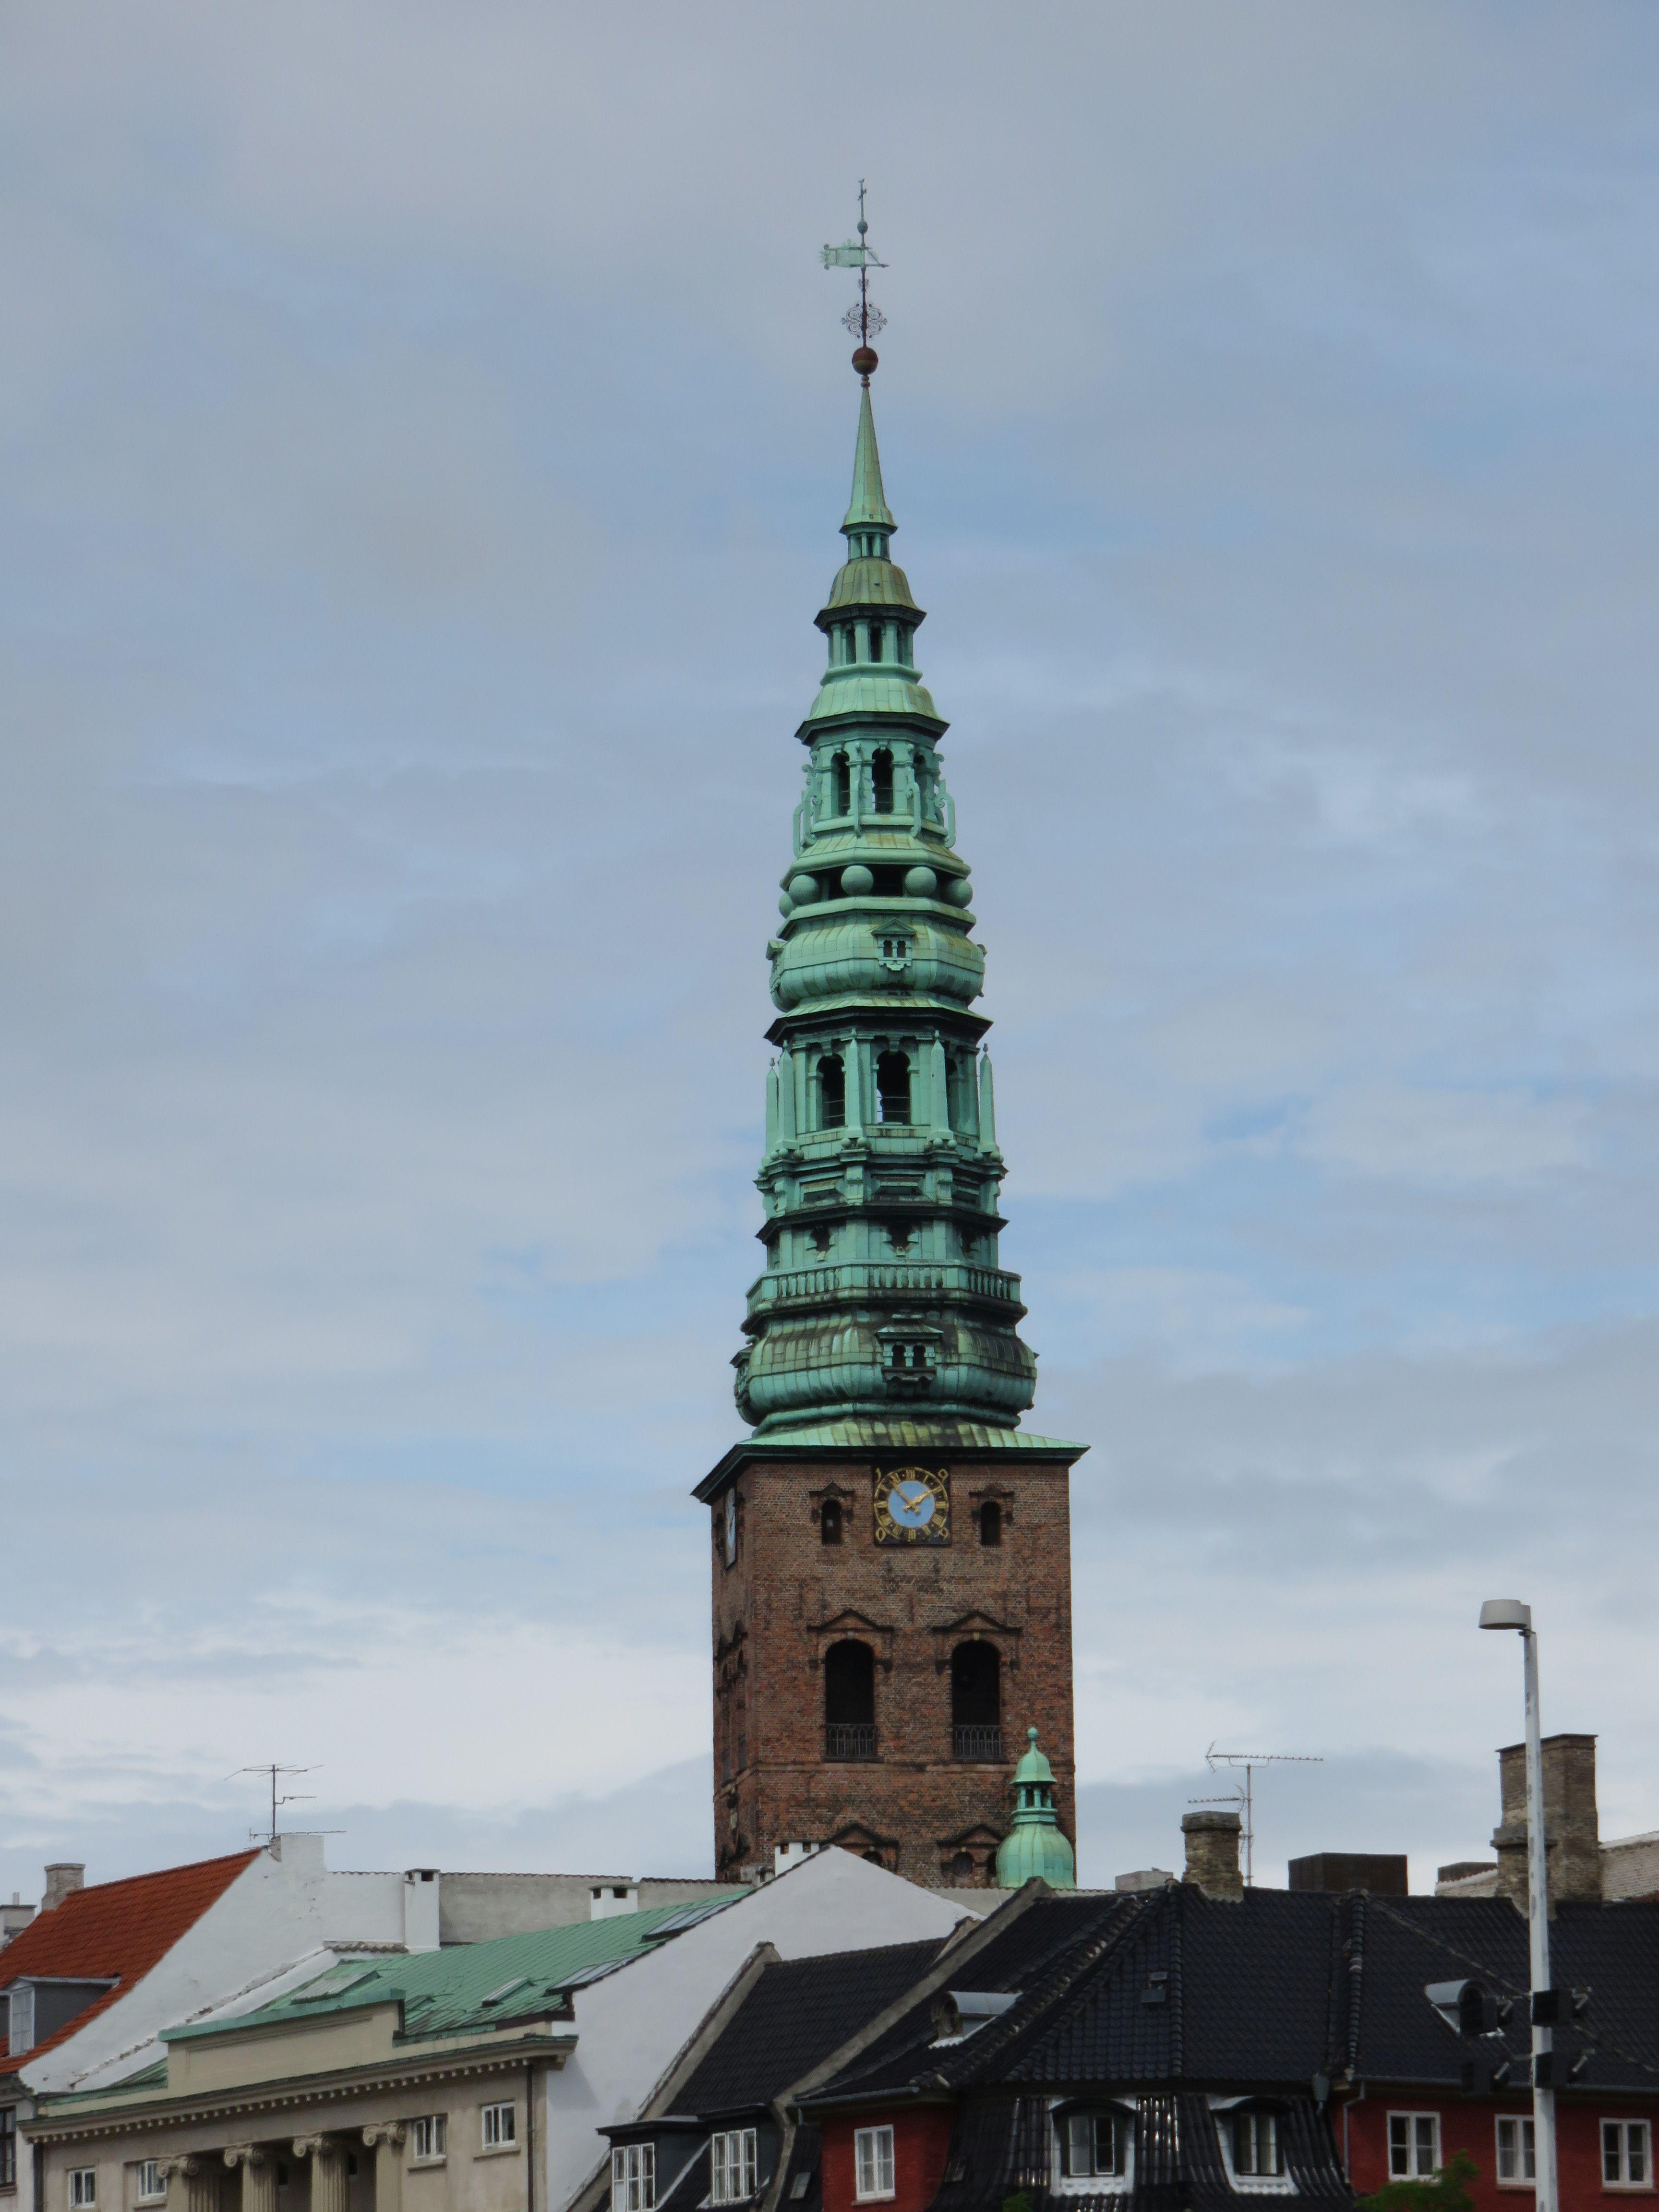 Uncategorized hilton fashion district review - A Classic Building In Copenhagen